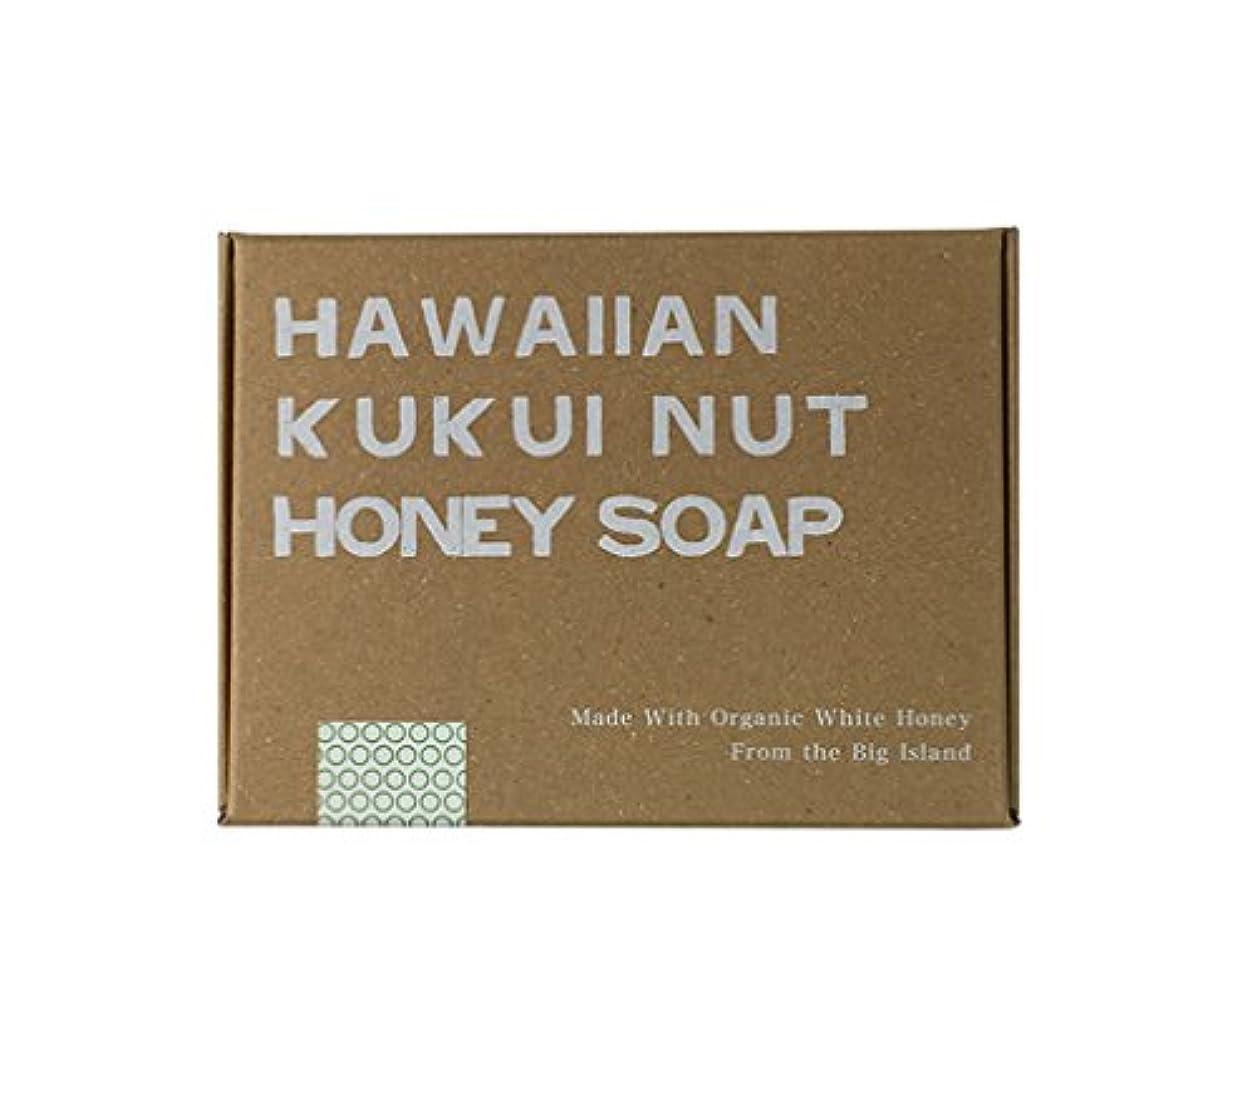 受け入れ露フローティングホワイトハニーオーガニクス ハワイアン?ククイ?ハニーソープ(無香料)(Hawaiian Kukui Honey Soap)